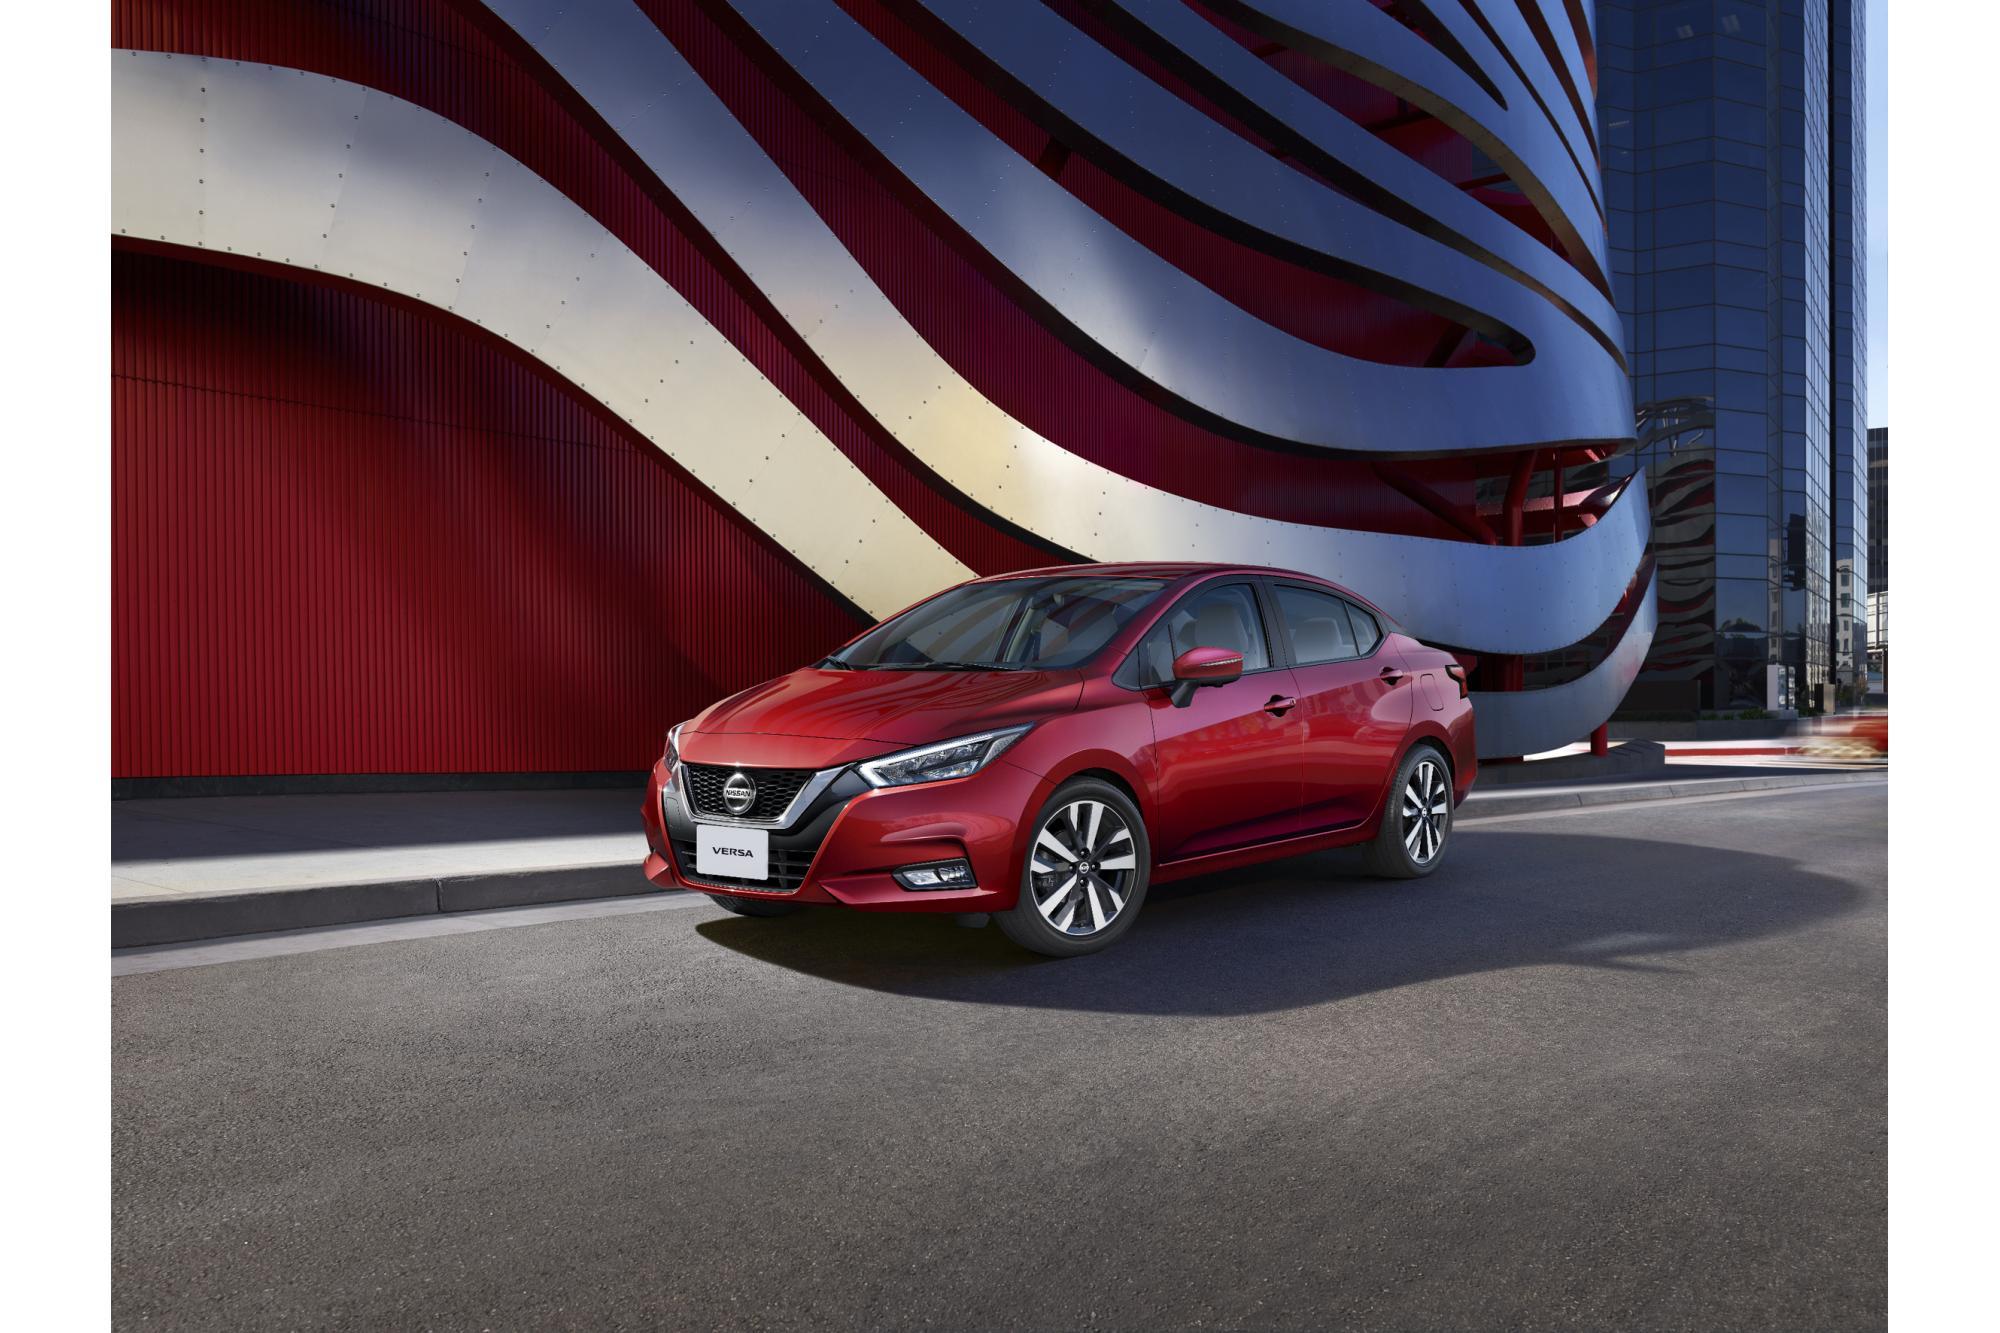 """Το Nissan Versa βραβεύθηκε ως το """"Καλύτερο αυτοκίνητο της χρονιάς"""" από την FIPA"""